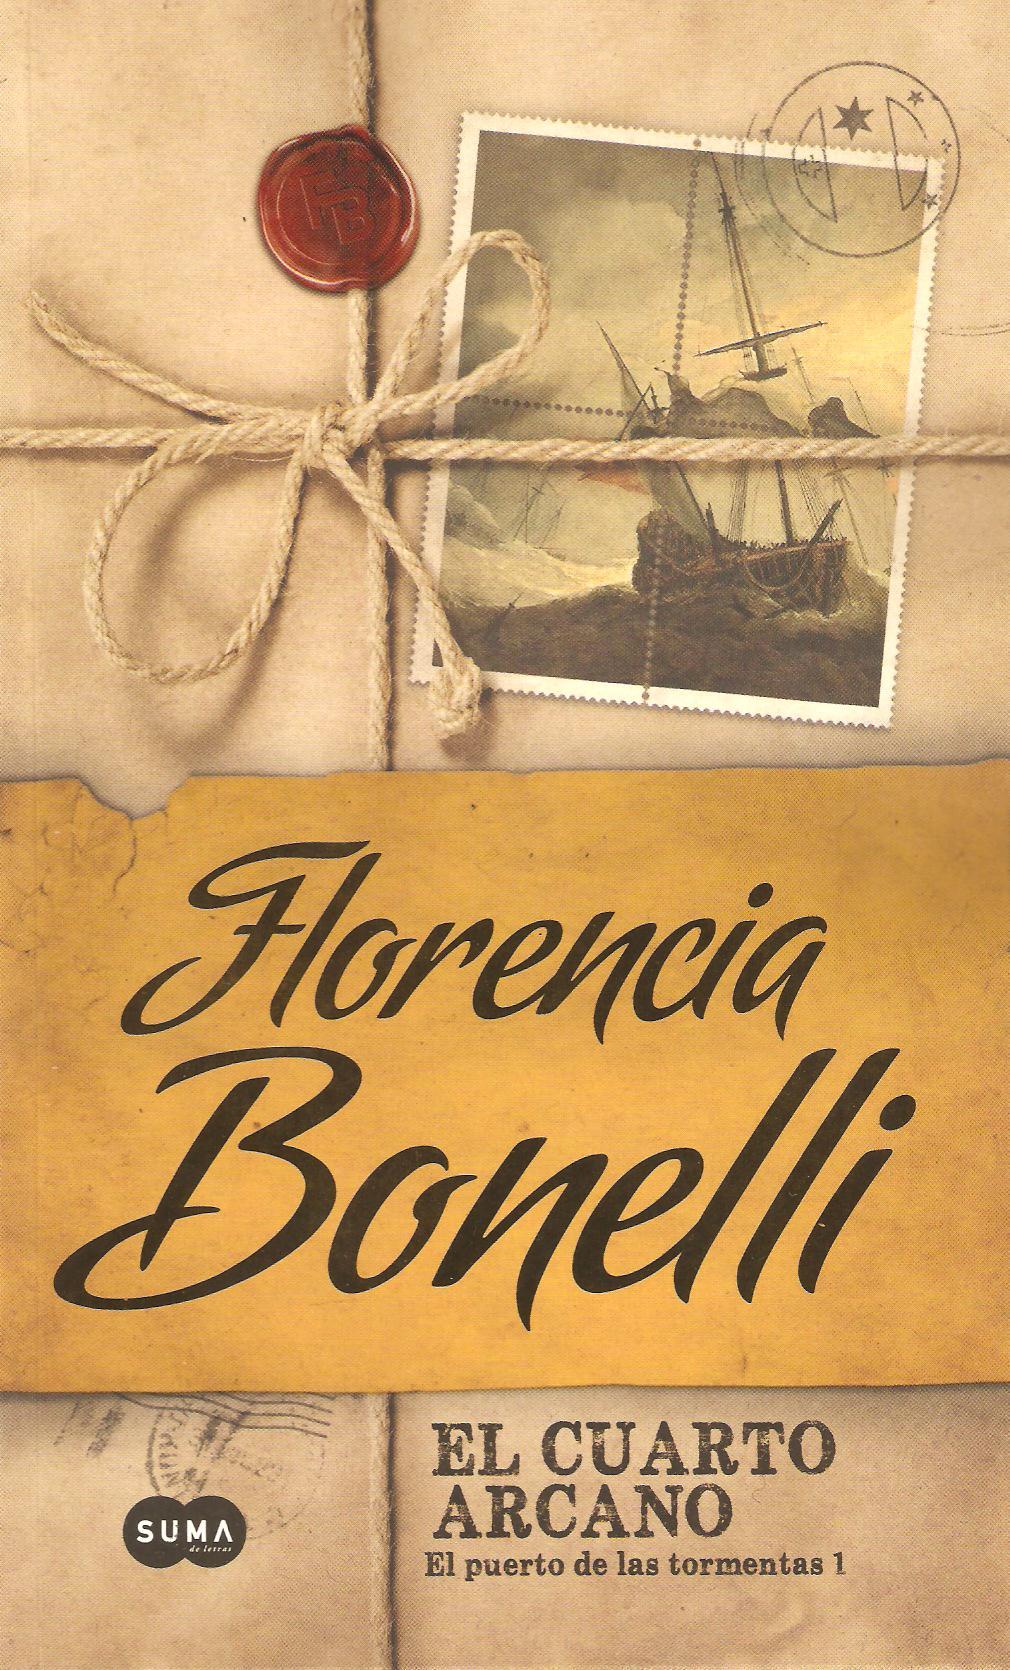 El cuarto arcano - Florencia Bonelli - 1 reseñas - Suma de letras ...